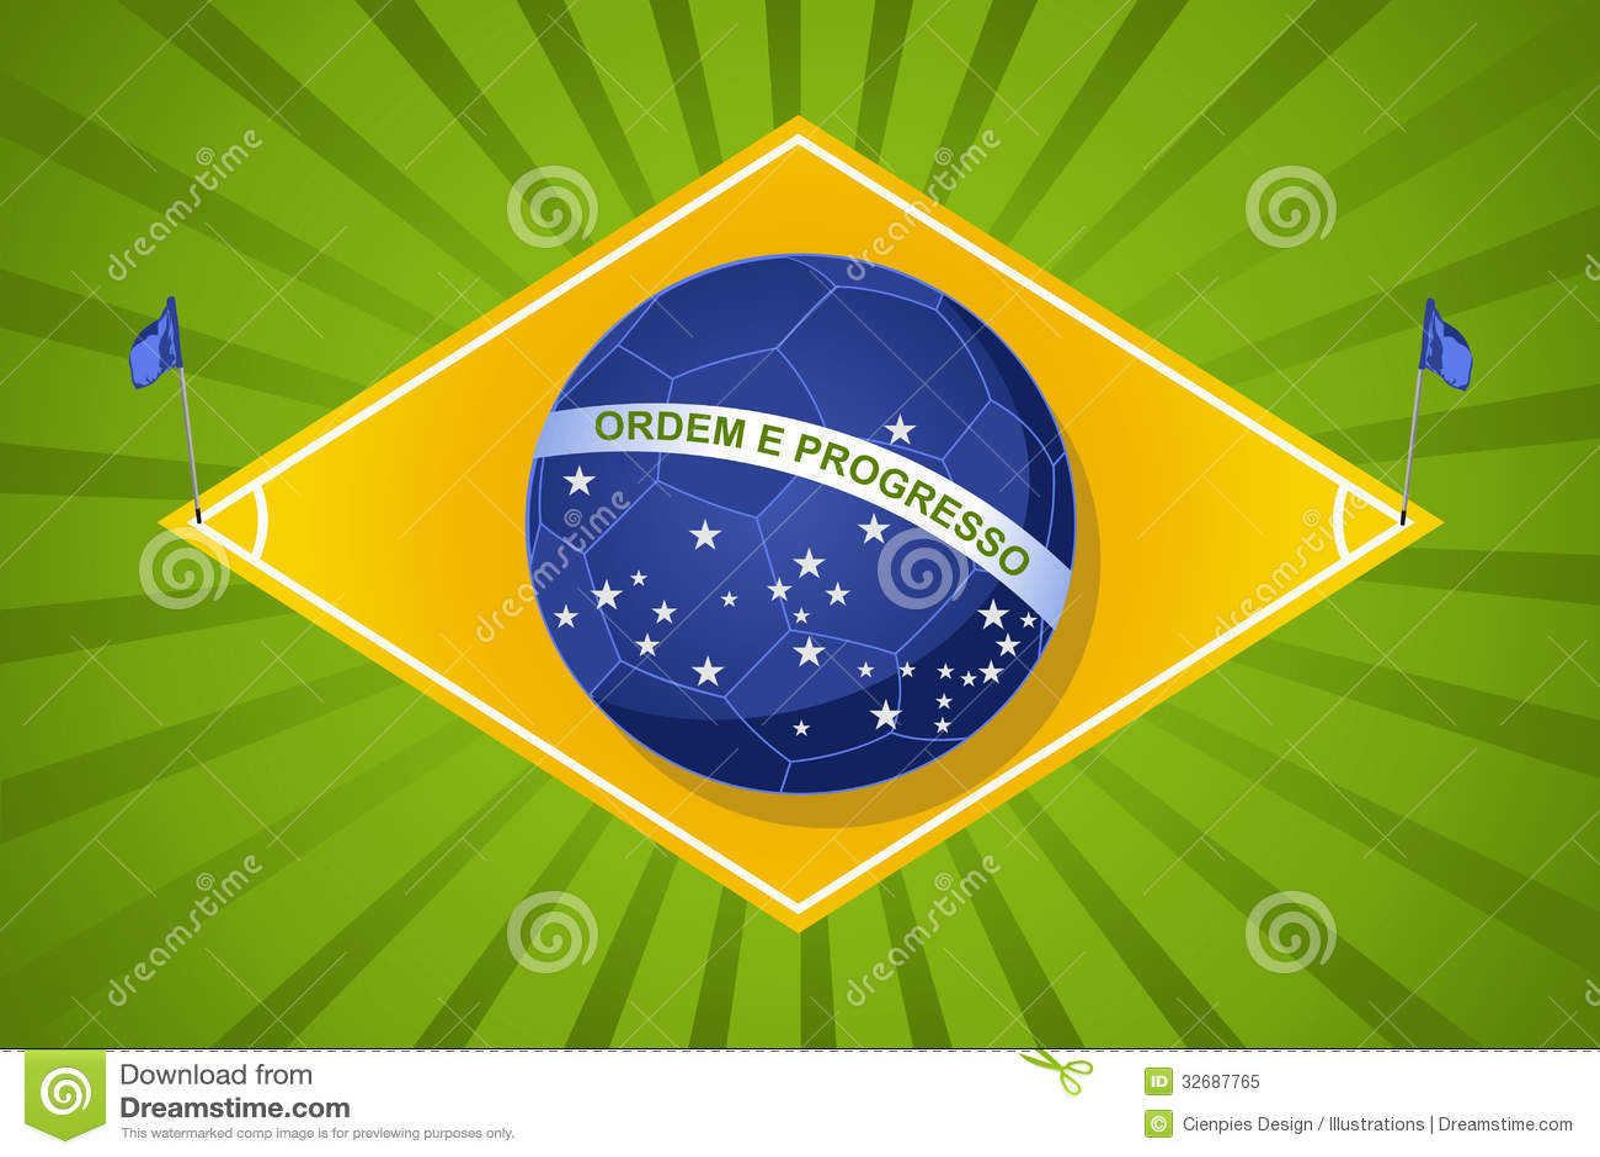 Brazil 2014 World Soccer Championship, Court Flag Ball